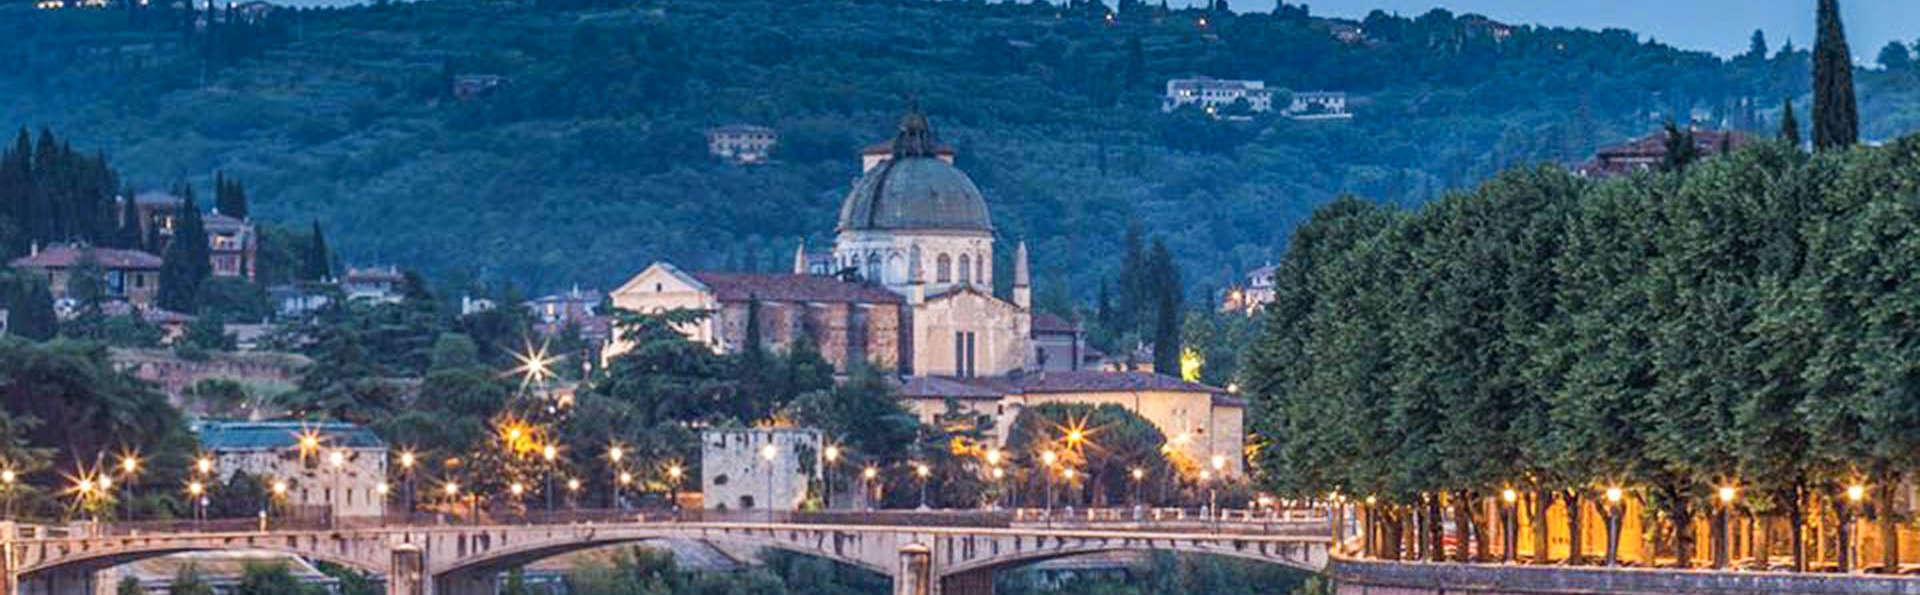 Bien-être à proximité de Vérone : dans une villa d'époque 4* étoiles, en chambre supérieure avec accès au SPA